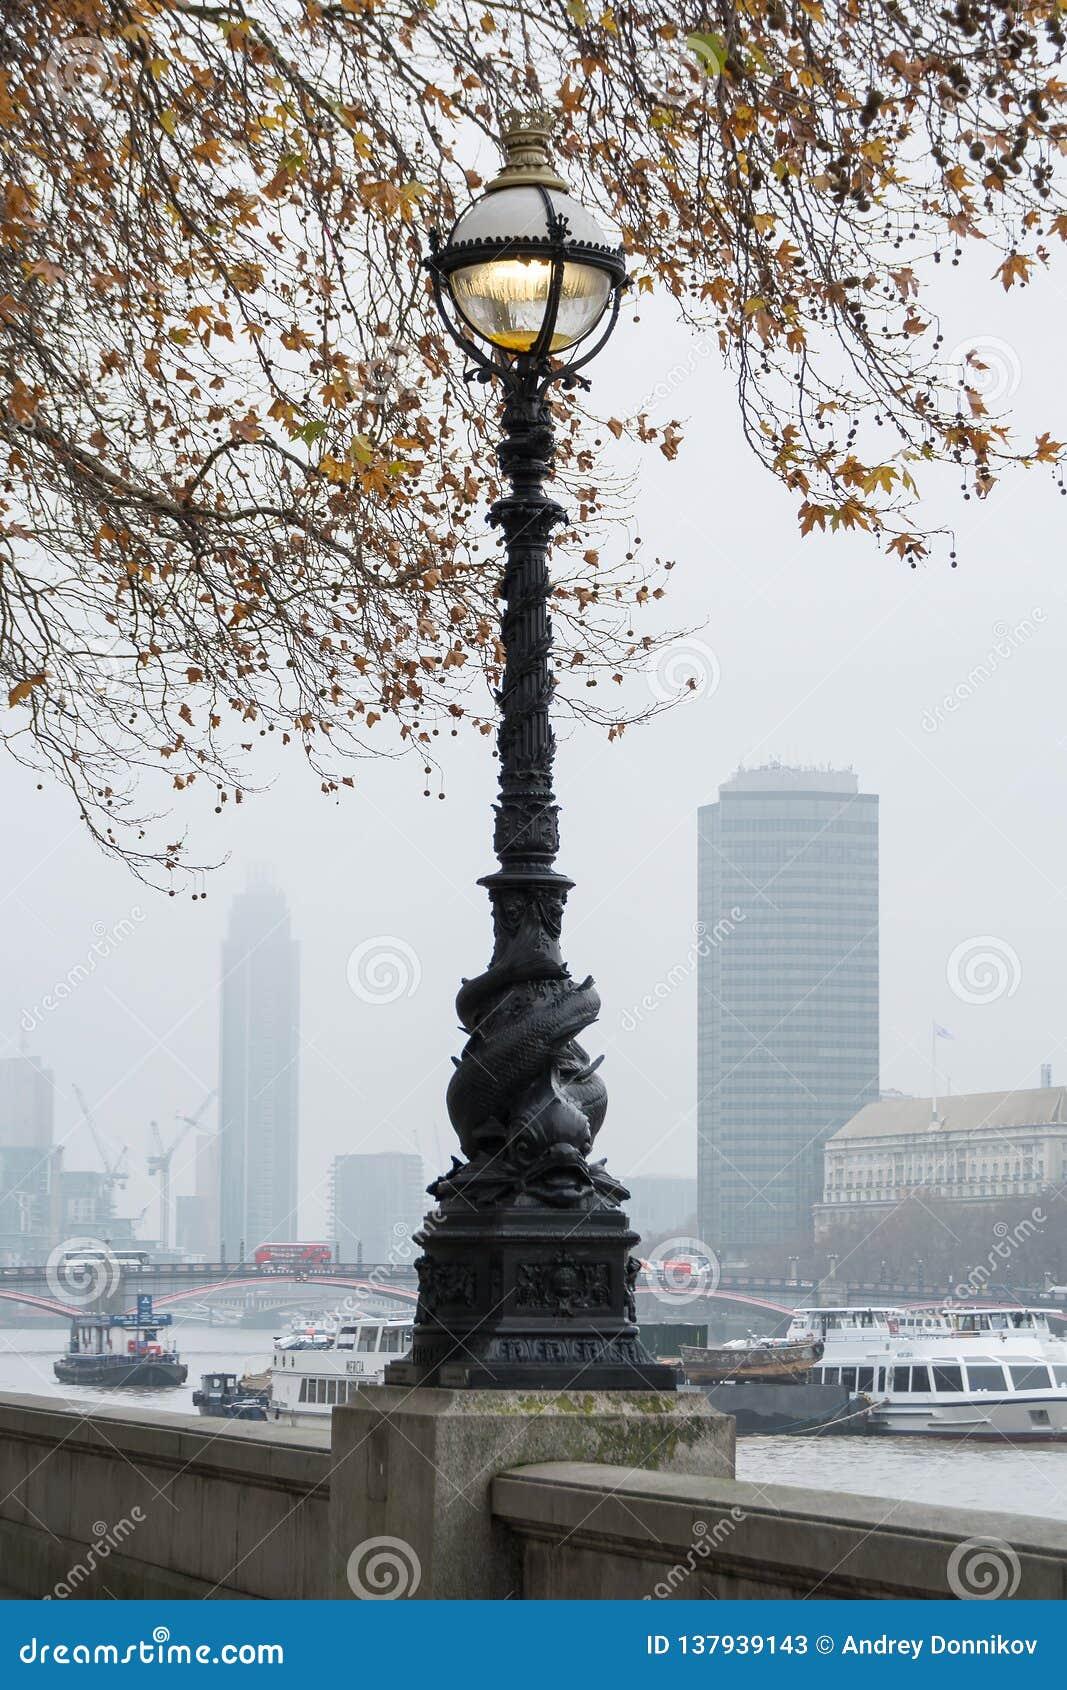 LONDON, VEREINIGTES KÖNIGREICH - 23. NOVEMBER 2018: Nebelhaft Ansicht der Themse und der alten Straßenbeleuchtung